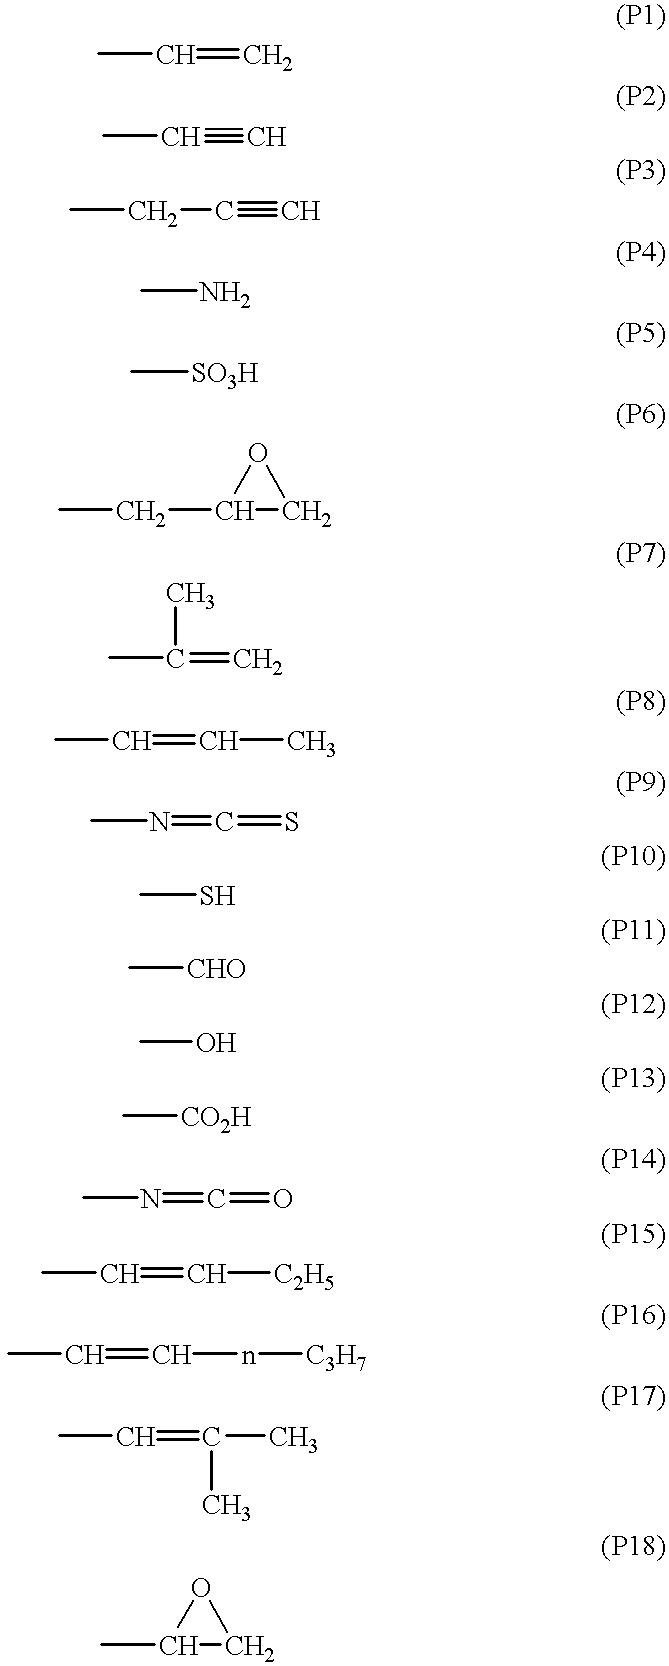 Figure US06380996-20020430-C00005